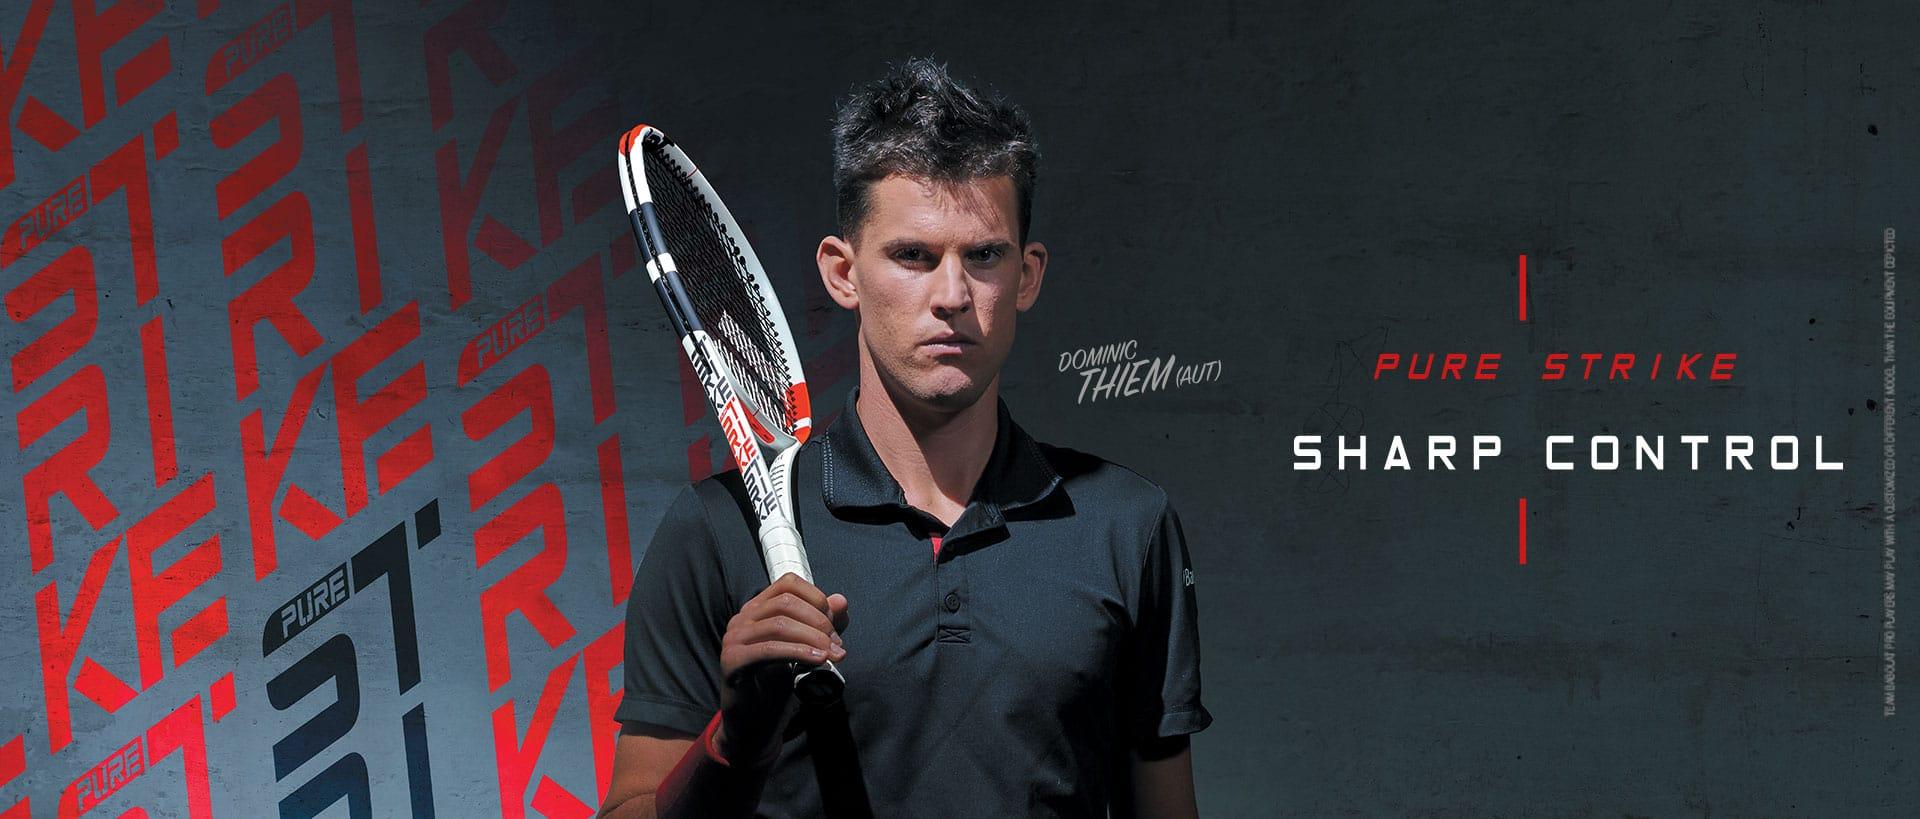 Rakieta tenisowa Babolat Pure Strike używana przez Dominica Thiema